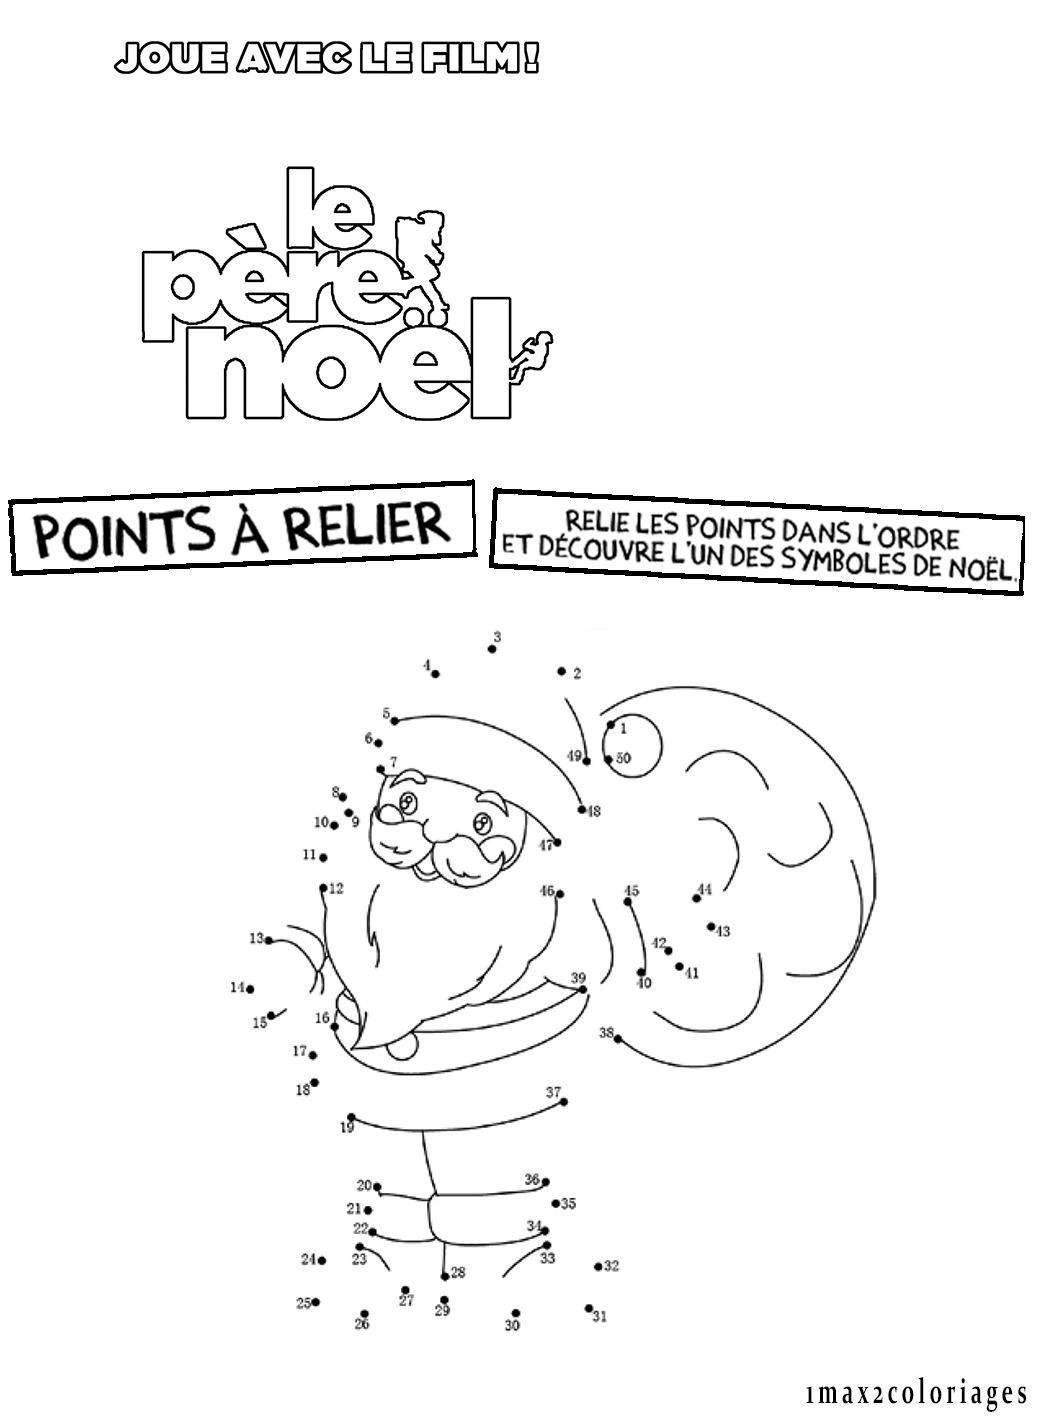 Joue avec le film le pere noel les points relier - Points a relier noel ...